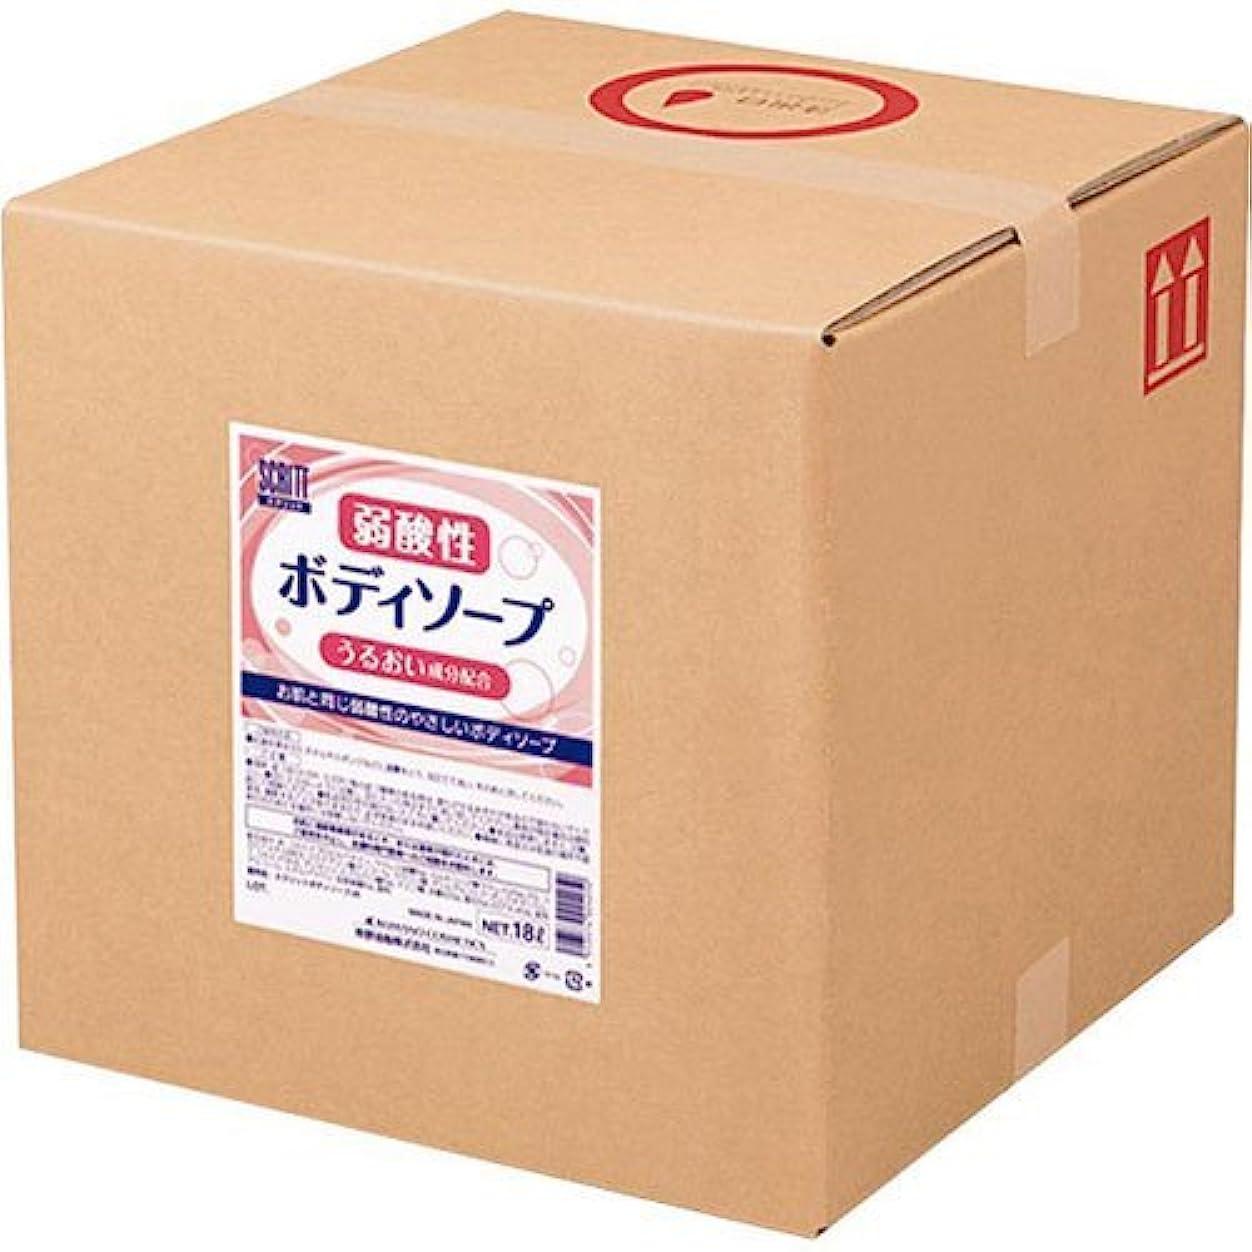 平行スタック伝染性の熊野油脂 業務用 SCRITT(スクリット) 弱酸性ボディソープ 18L